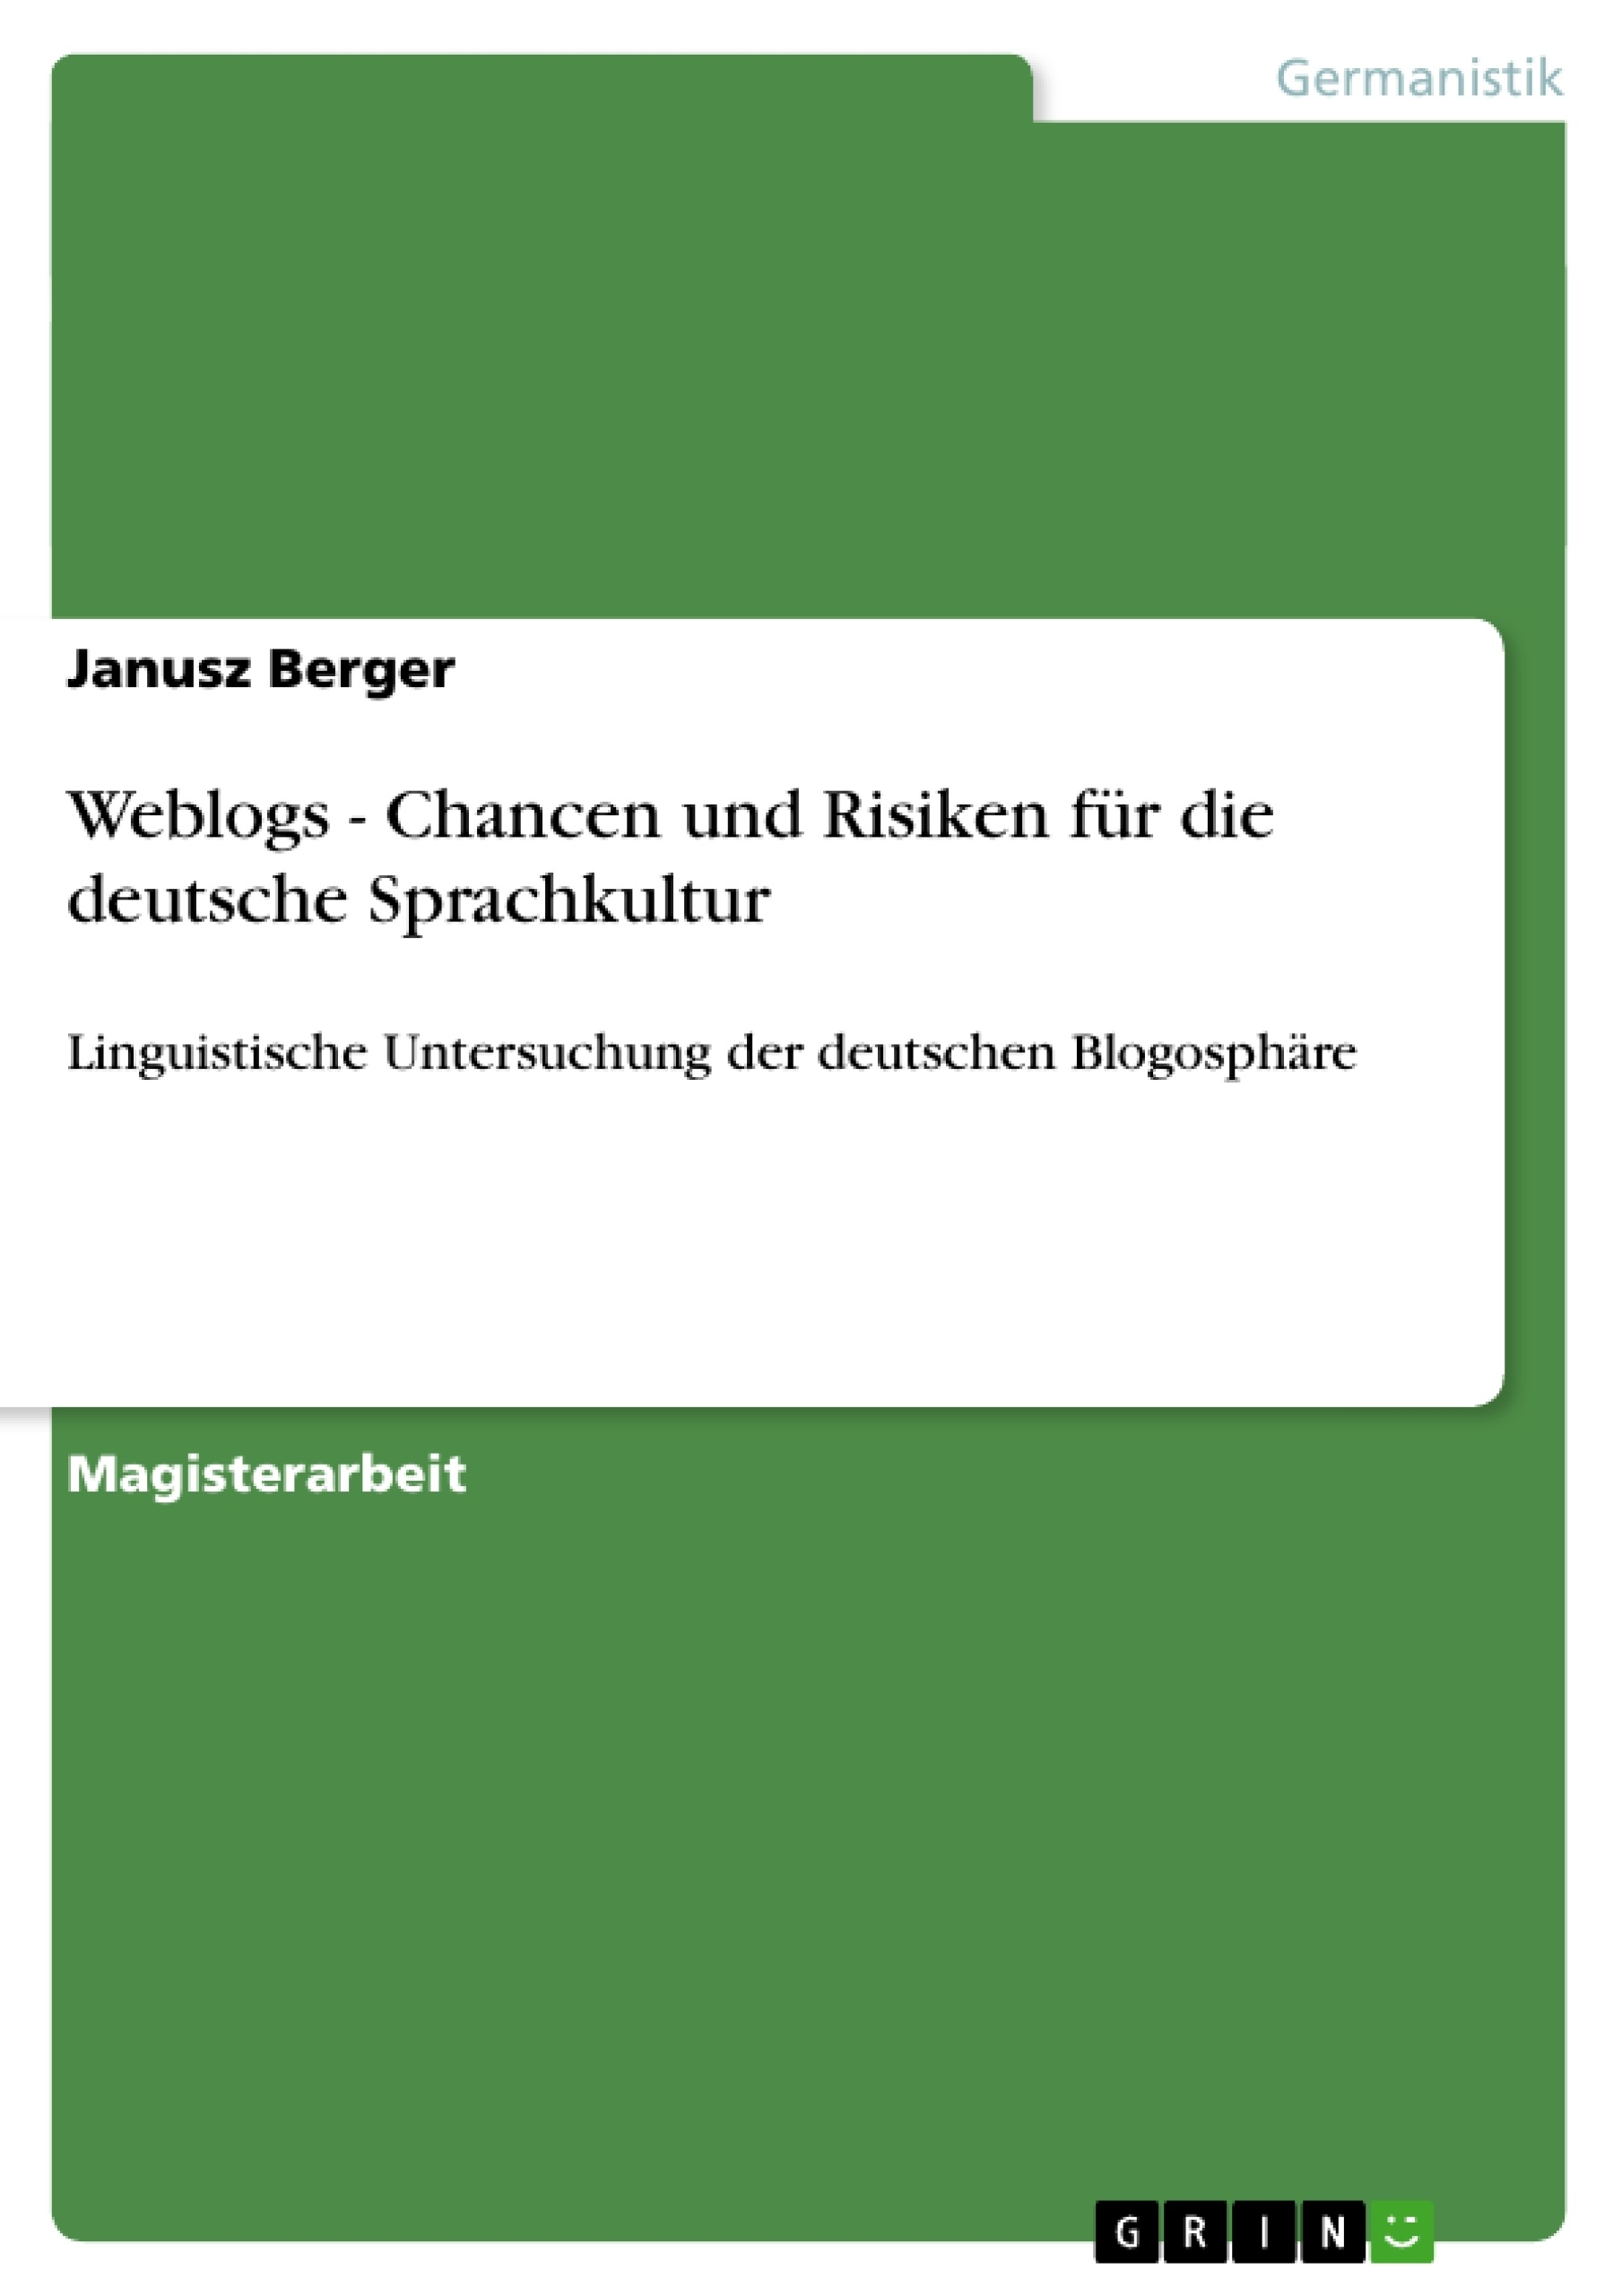 Titel: Weblogs - Chancen und Risiken für die deutsche Sprachkultur